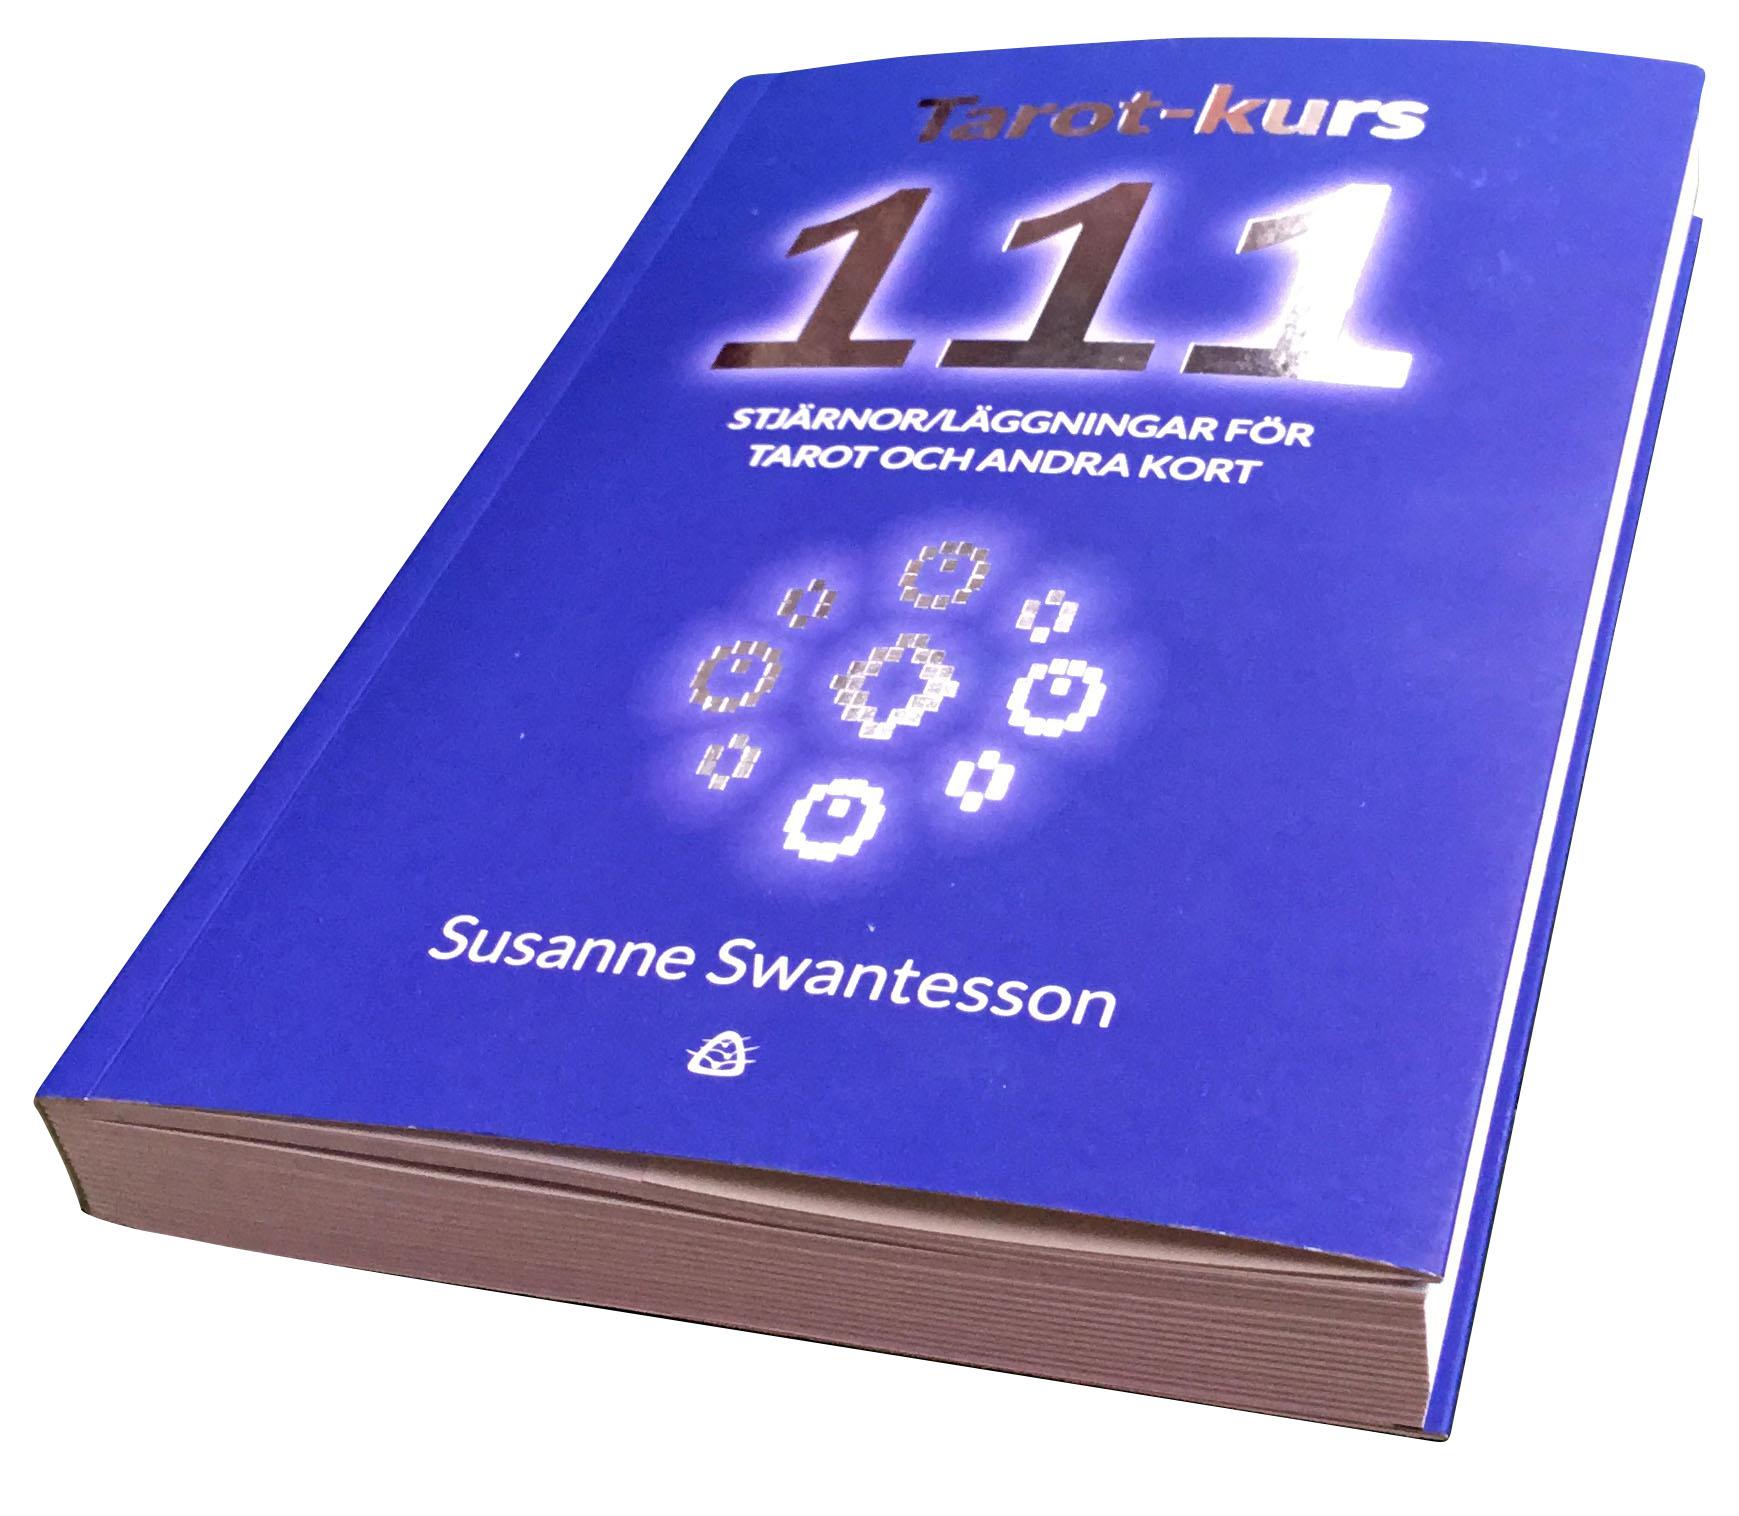 Tarot-kurs: 111 stjärnor / Susanne Swantesson